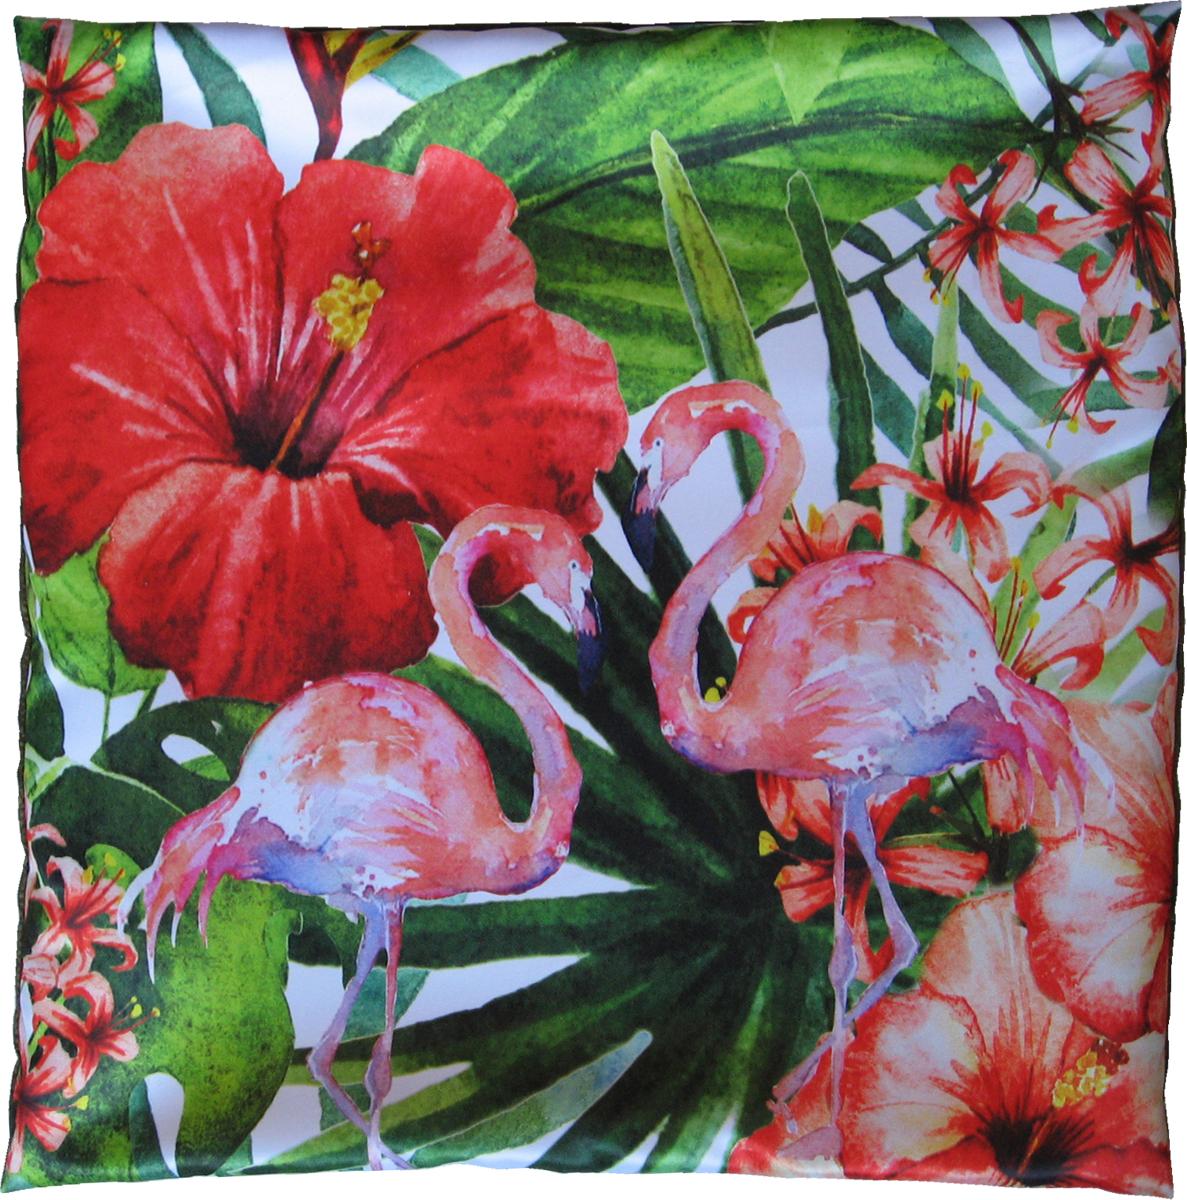 Наволочка декоративная GiftnHome Два фламинго, цвет: красный, 40 х 40 смНВЛ-40 2FlamingoДекоративная наволочка GiftnHome Два фламинго изготовлена из атласа (искусственный шелк). Изделие закрывается на застежку-молнию иоформлено ярким принтом. Подушки с такими наволочками прекрасно дополнят интерьер спальни и гостинойи добавят в обстановку изысканность и роскошь.